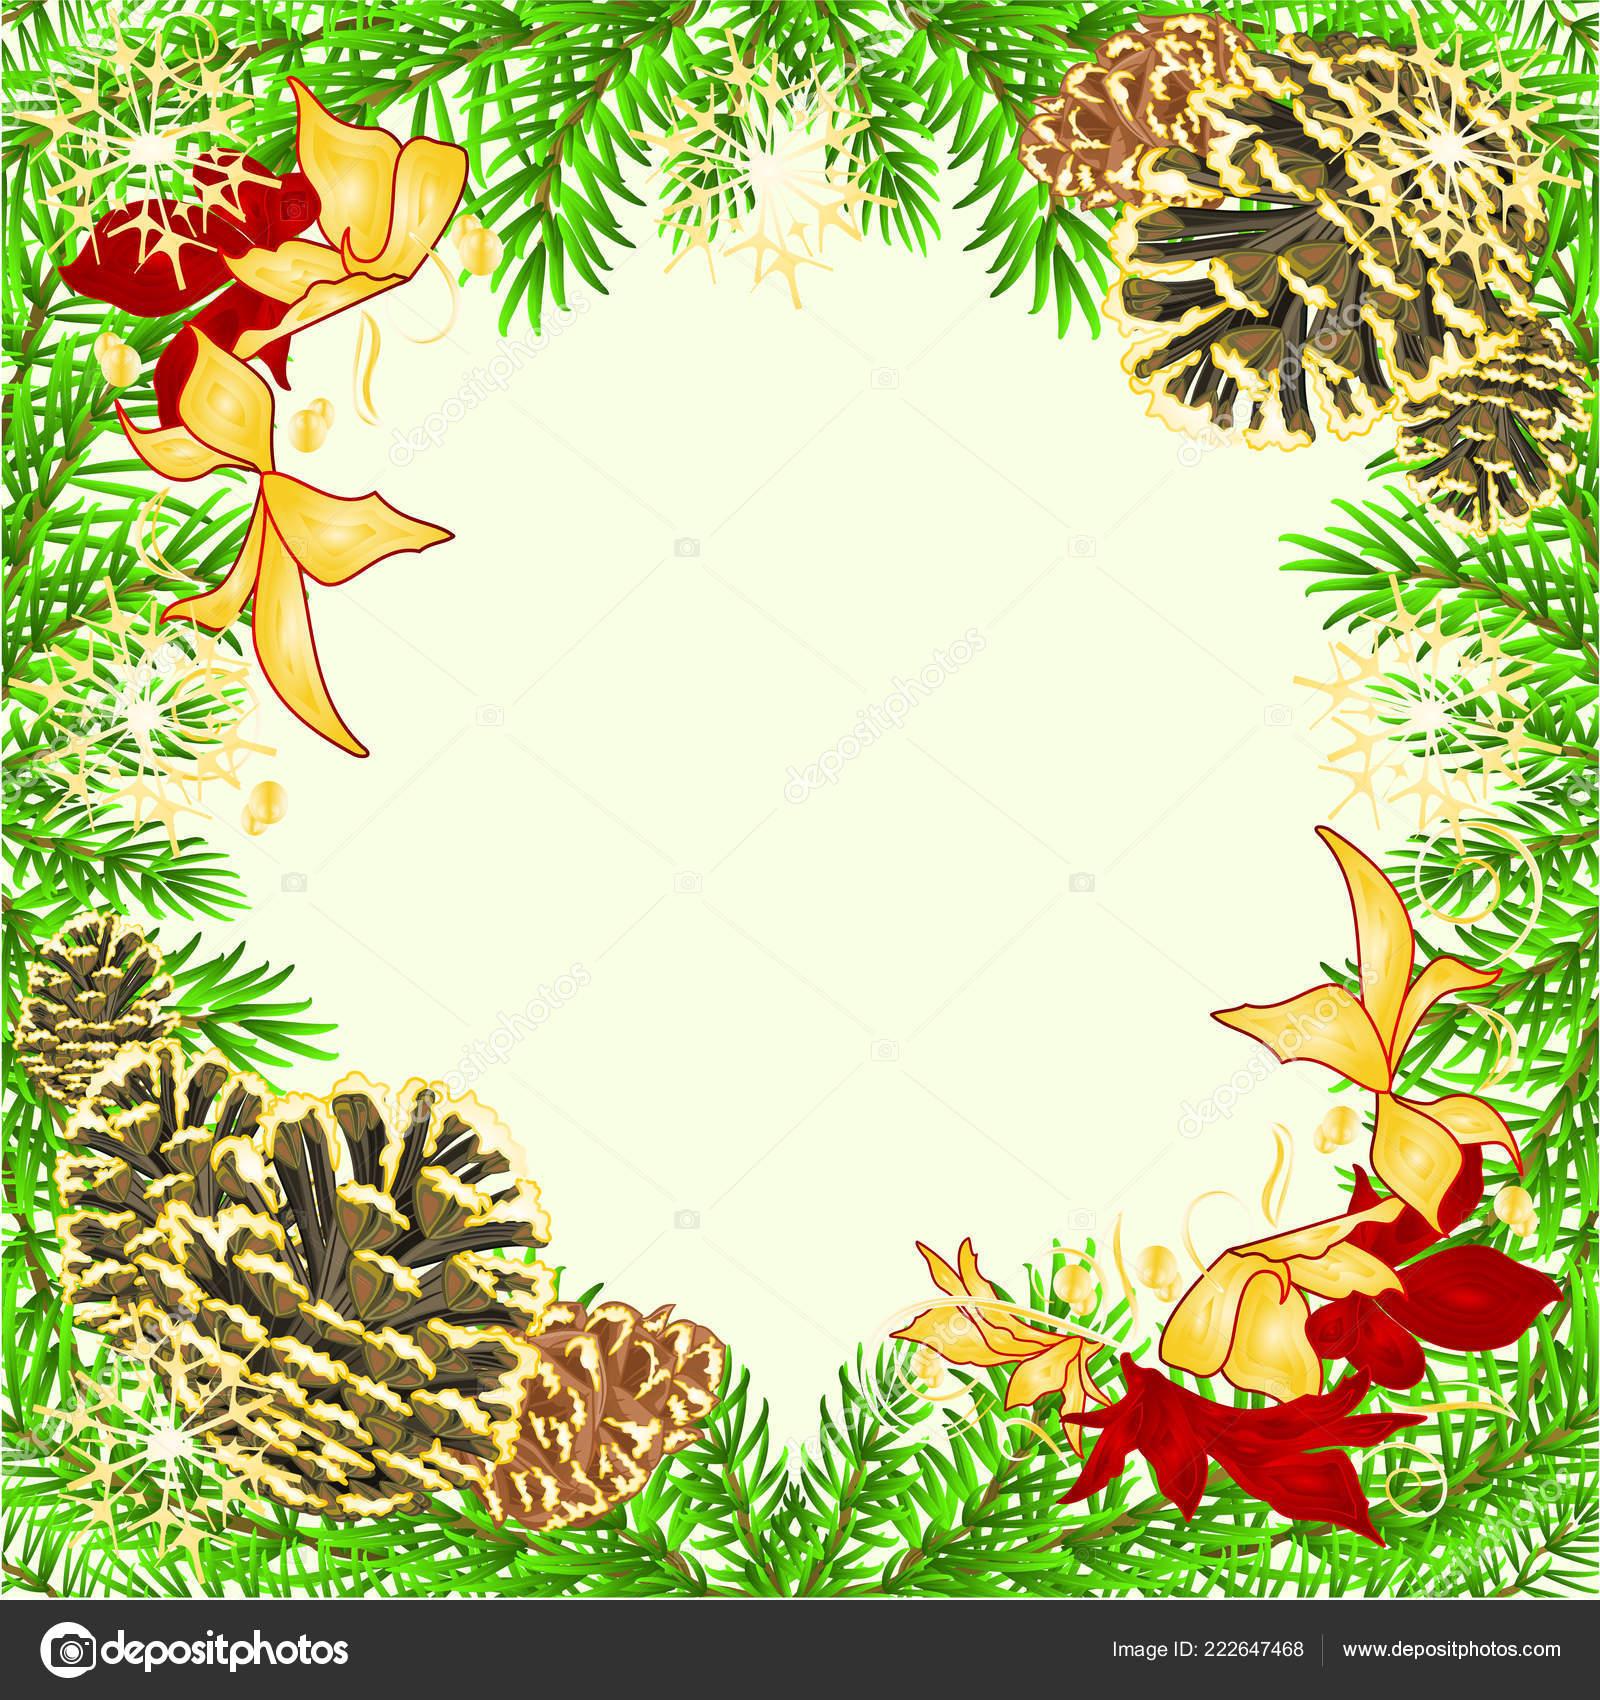 Noel Nouvel Cadre Decoration Rouge Poinsettia Epinette Arbre